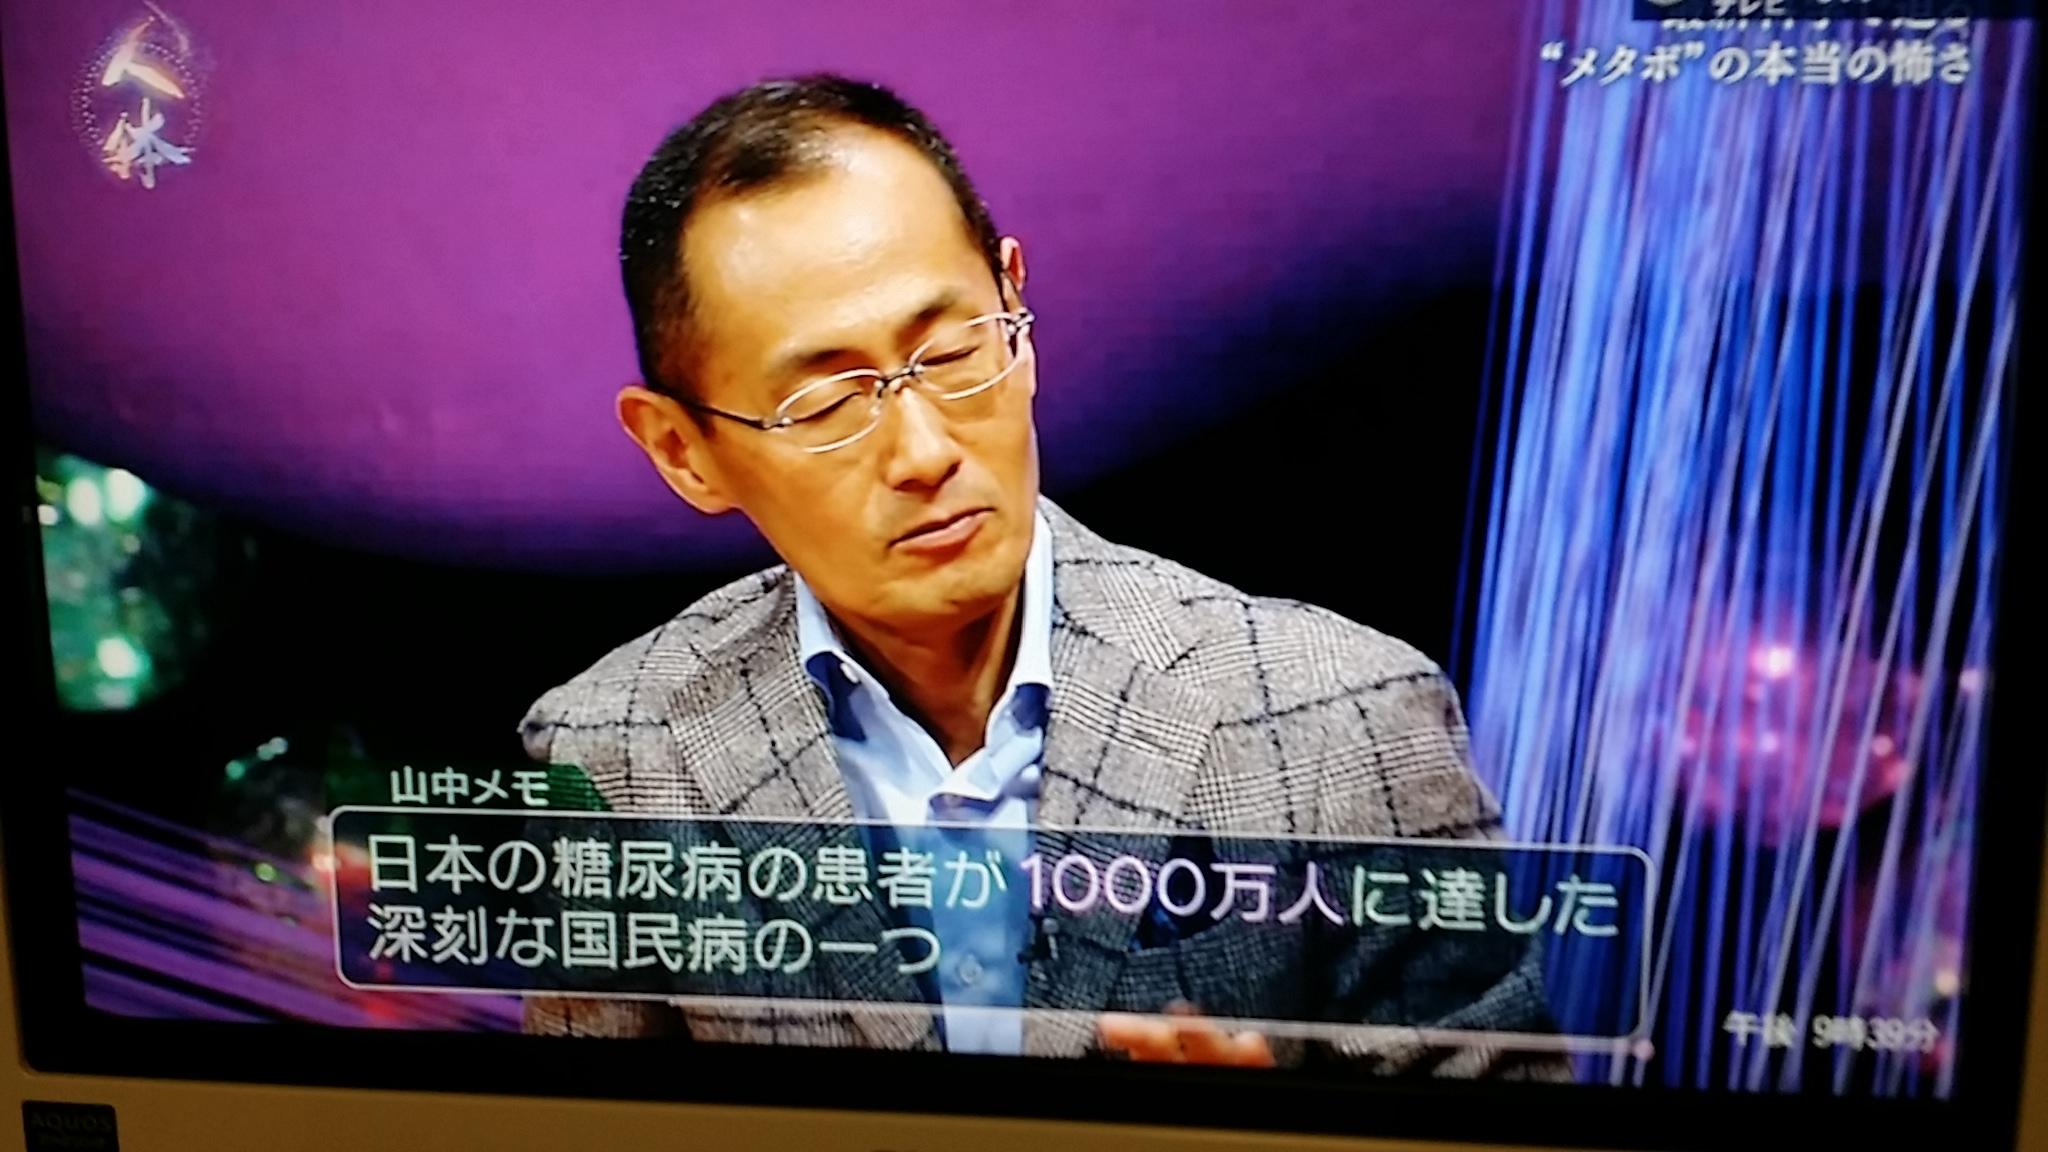 20171110102657dc5.jpg